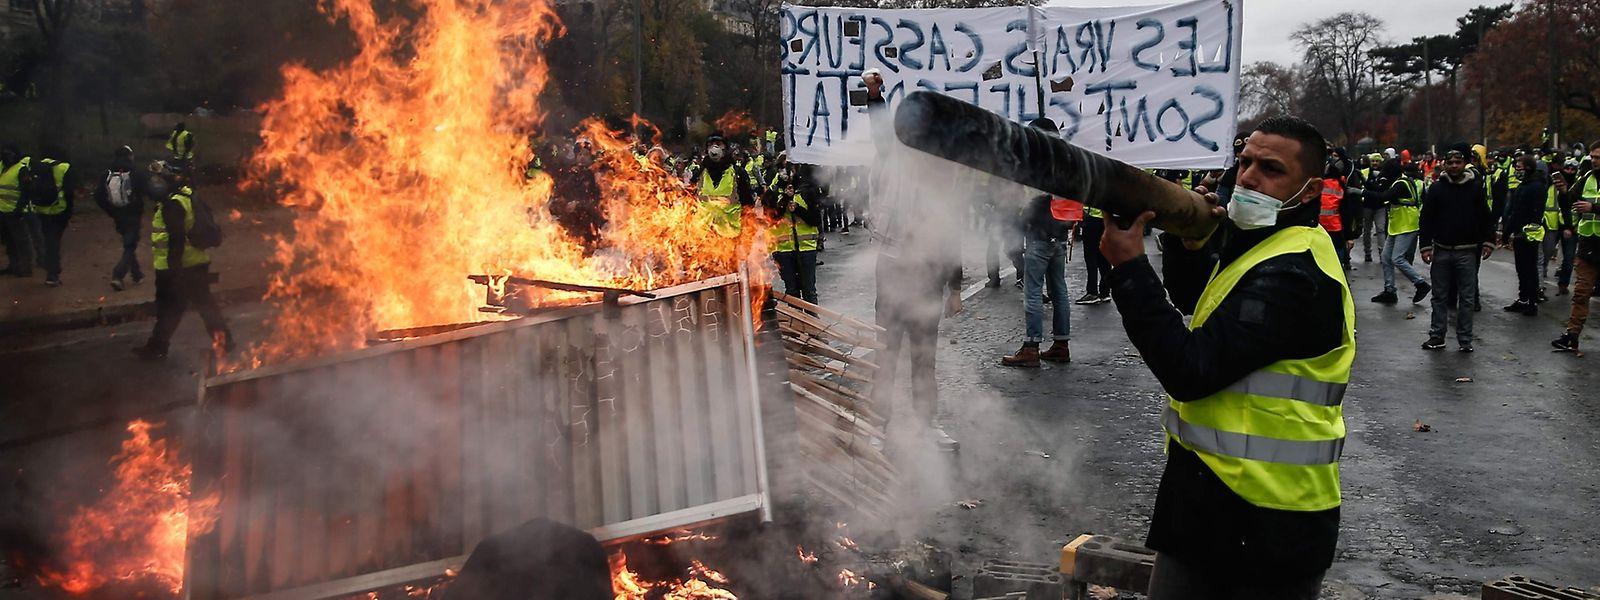 """Die """"Gilets jaunes"""" hatten am Wochenende in Paris für massive Störungen gesorgt."""